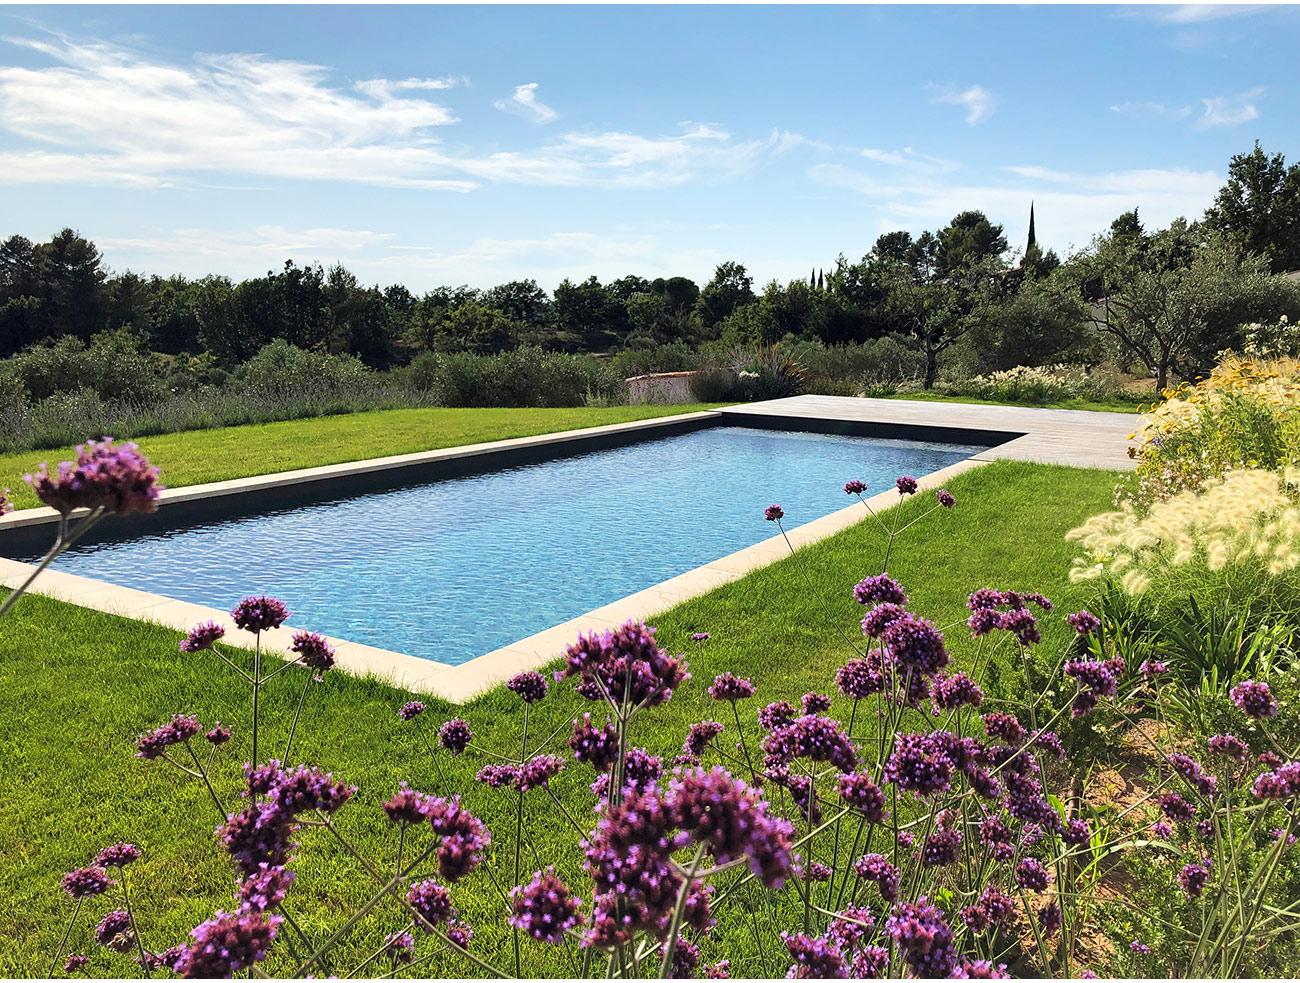 Atelier Naudier - Architecte paysagiste concepteur - Montpellier & Aix en Provence - Jardin méditerranéen et piscine